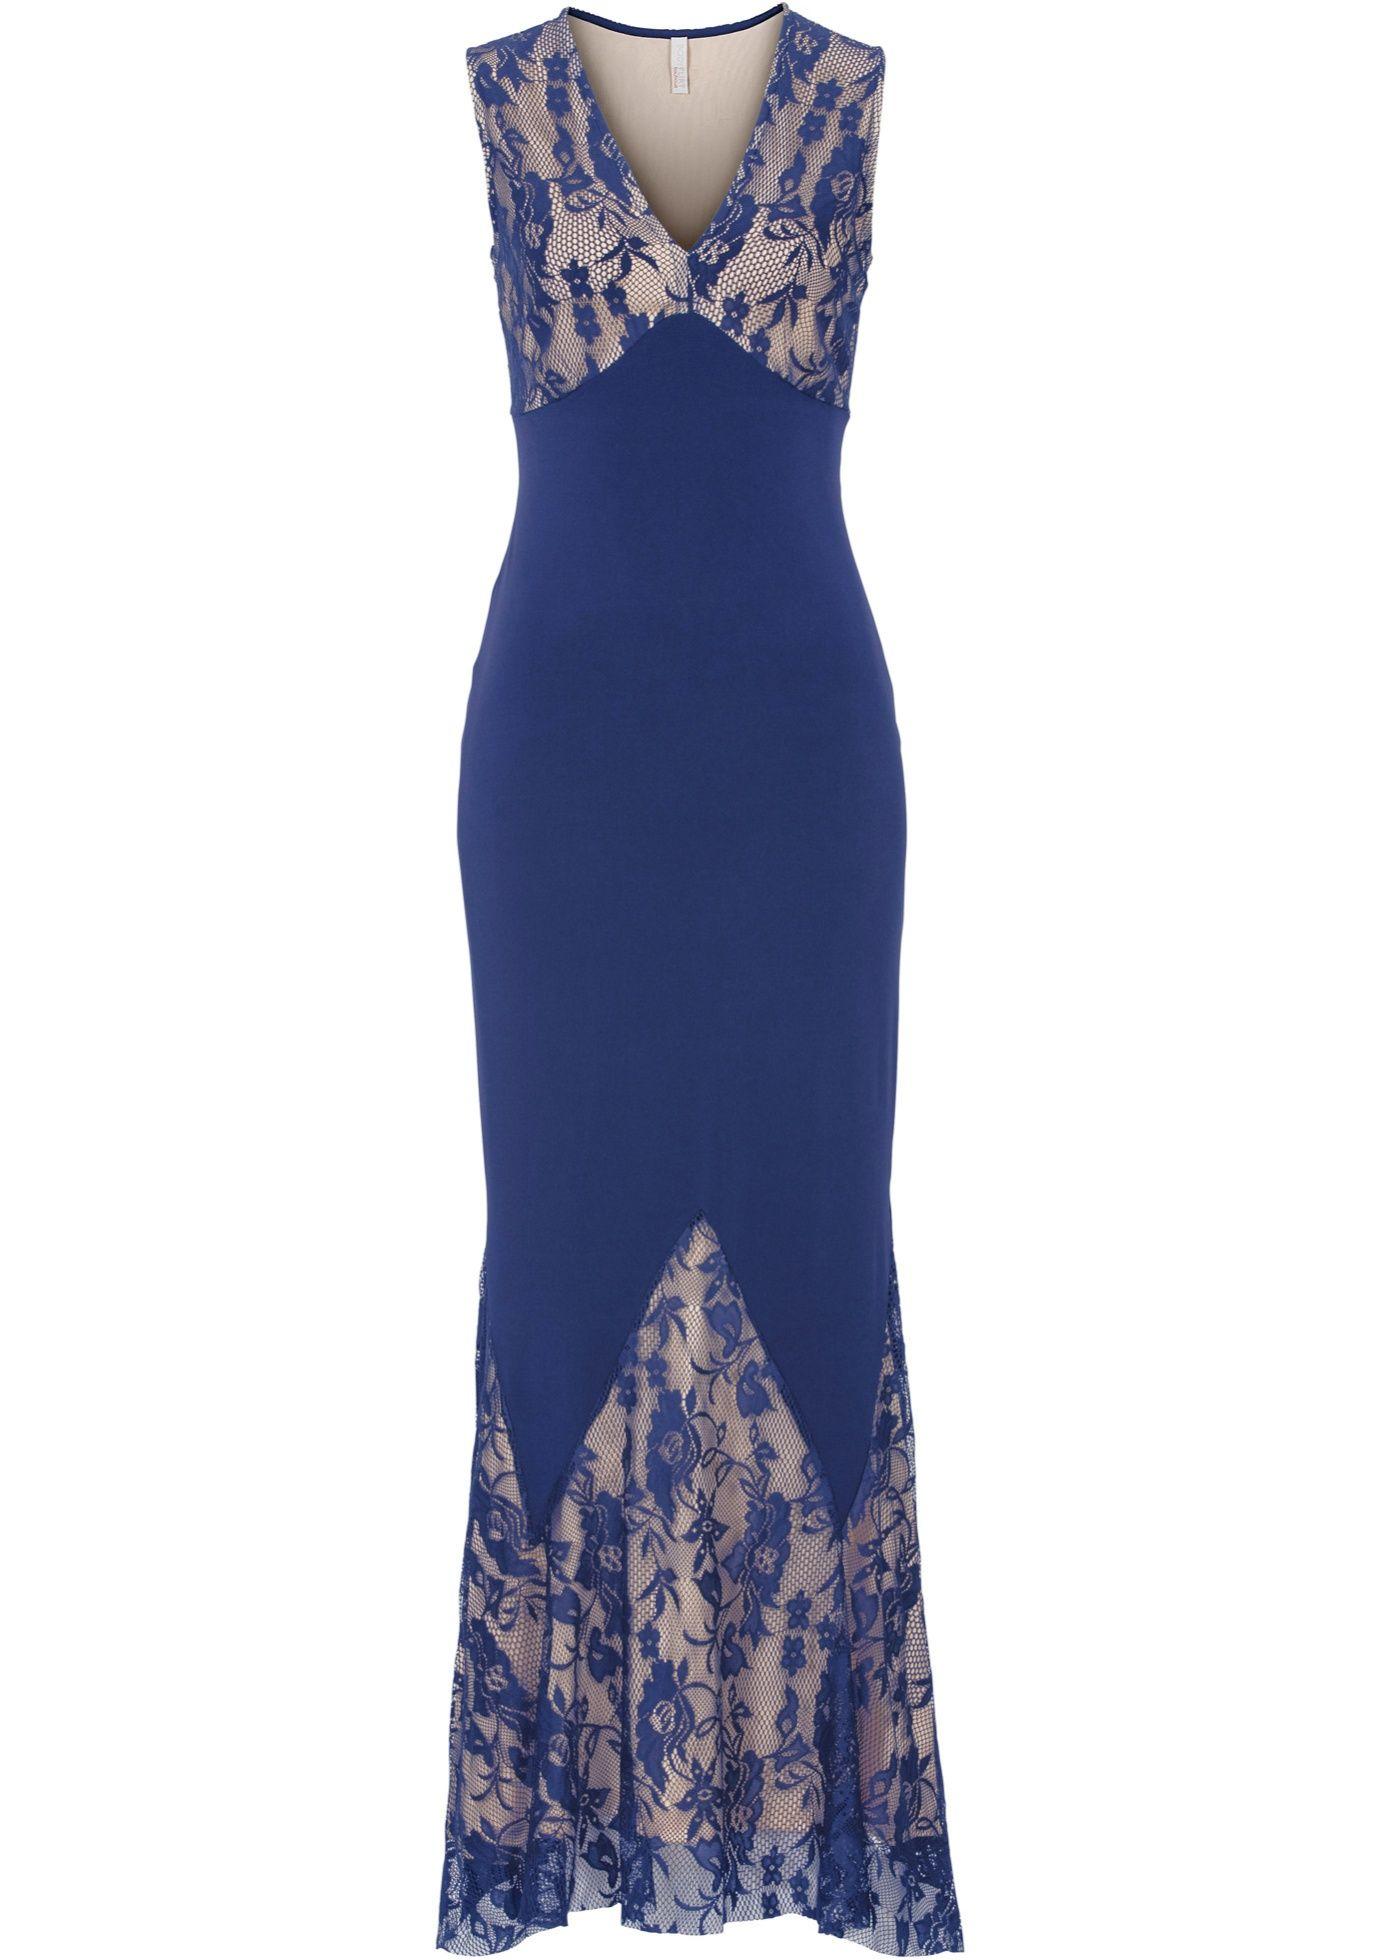 Abendkleid mitternachtsblau/hellbraun - BODYFLIRT boutique jetzt